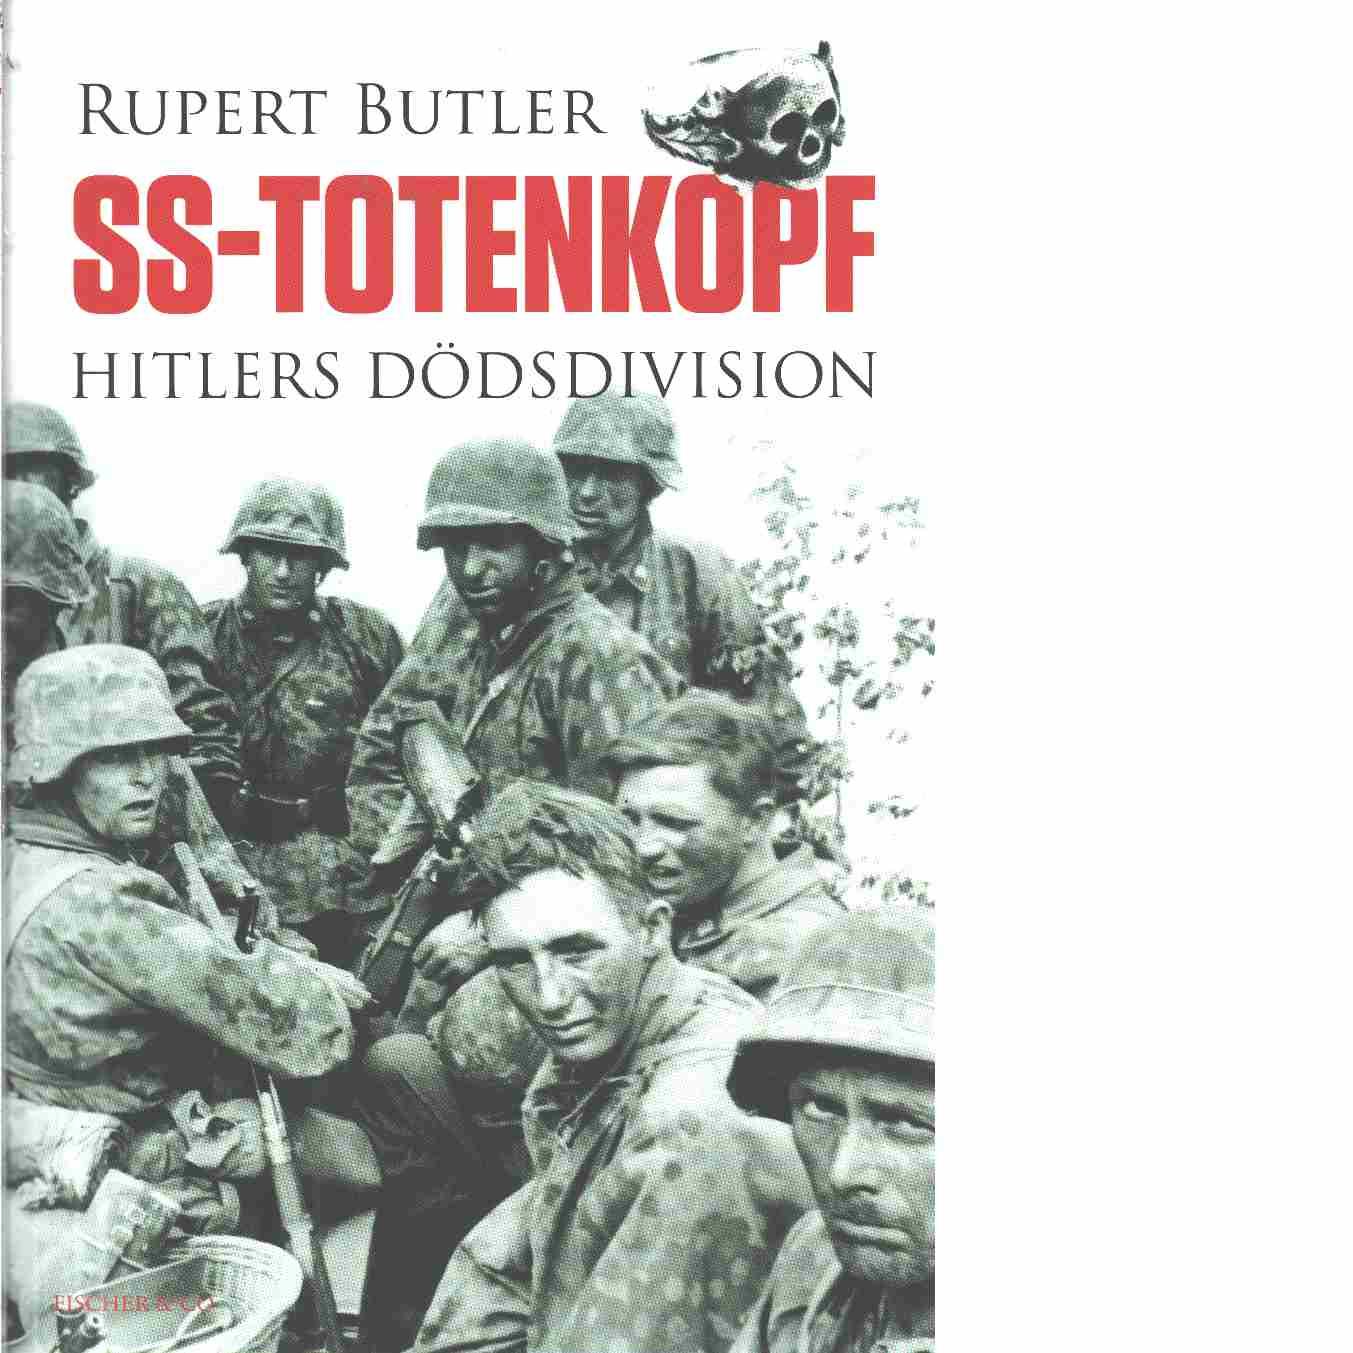 SS-Totenkopf : Hitlers dödsdivision - Butler, Rupert